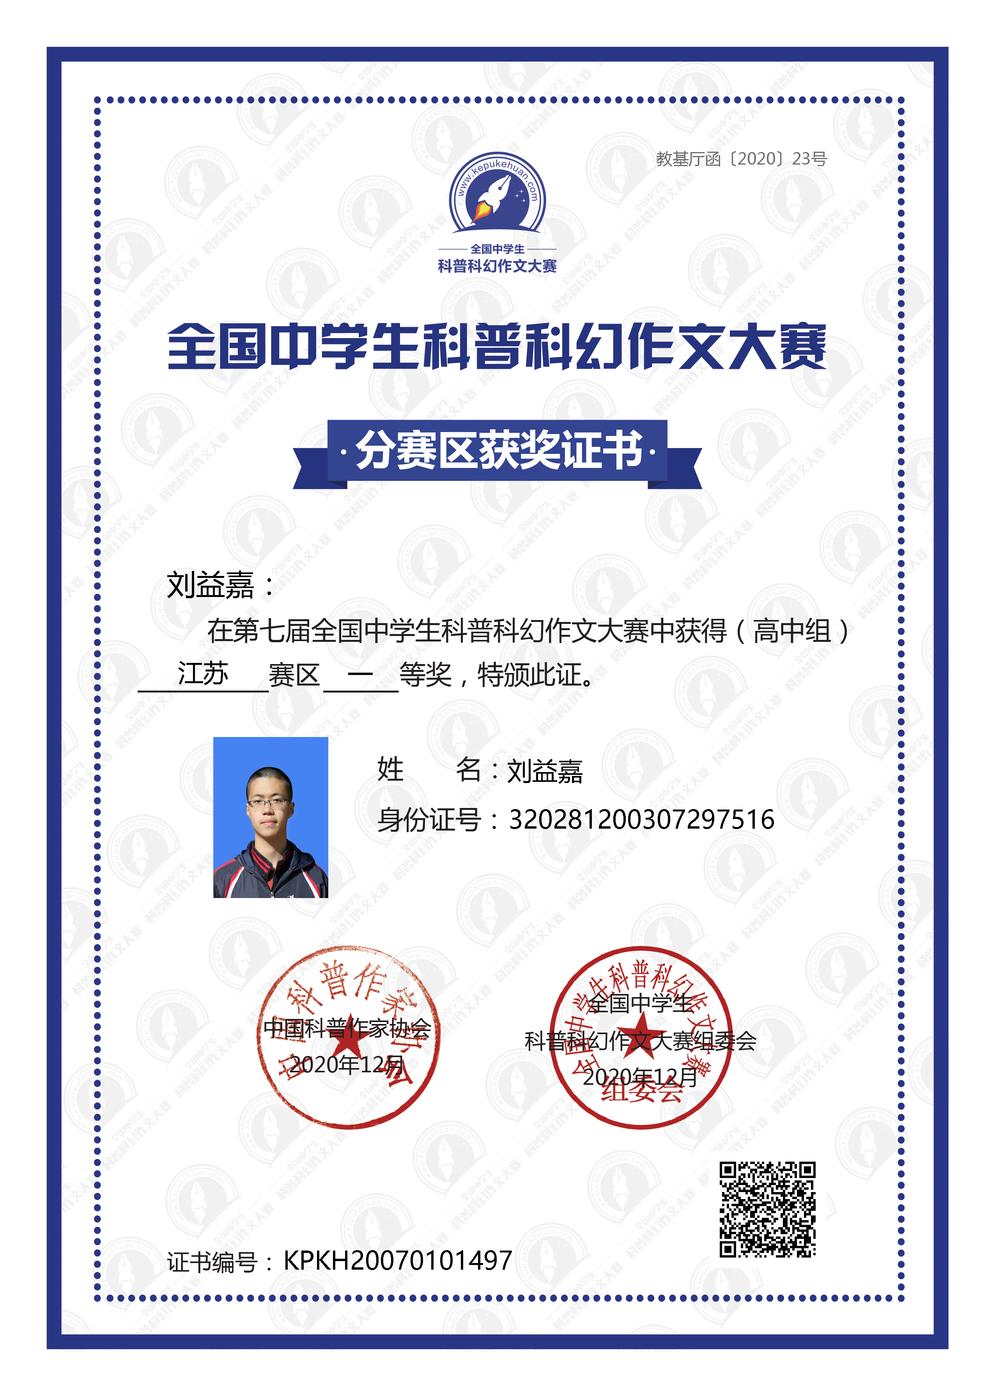 第七届全国中学生科普科幻作文大赛江苏赛区一等奖.png